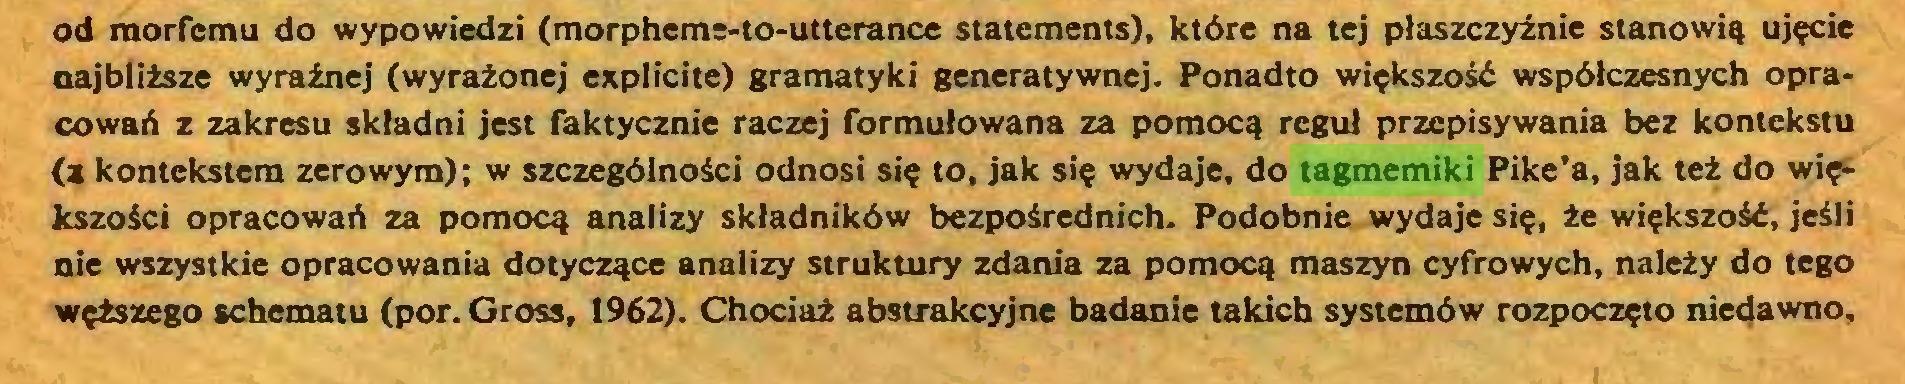 (...) od morfcmu do wypowiedzi (morpheme-to-utterance Statements), ktöre na tej plaszczyznie stanowiq uj?cie najblitsze wyrainej (wyraionej explicite) gramatyki generatywnej. Ponadto wi?kszosö wspölczesnych opracowan z zakresu skladni jest faktycznie raczej formulowana za pomocq regul przepisywania bez kontekstu (j kontekstem zerowym); w szczegölnosci odnosi si? to, jak si? wydaje, do tagmemiki Pike'a, jak tei do wi?kszosci opracowaö za pomoc^ analizy sktadniköw bezpoirednich. Podobnie wydaje si?, ie wi?kszosö, jeili nie wszystkie opracowania dotyczqce analizy struktury zdania za pomocq maszyn cyfrowych, nalety do tego w?tszego schematu (por. Gross, 1962). Chocia2 abstrakcyjne badanie takich systemöw rozpocz?to niedawno,...